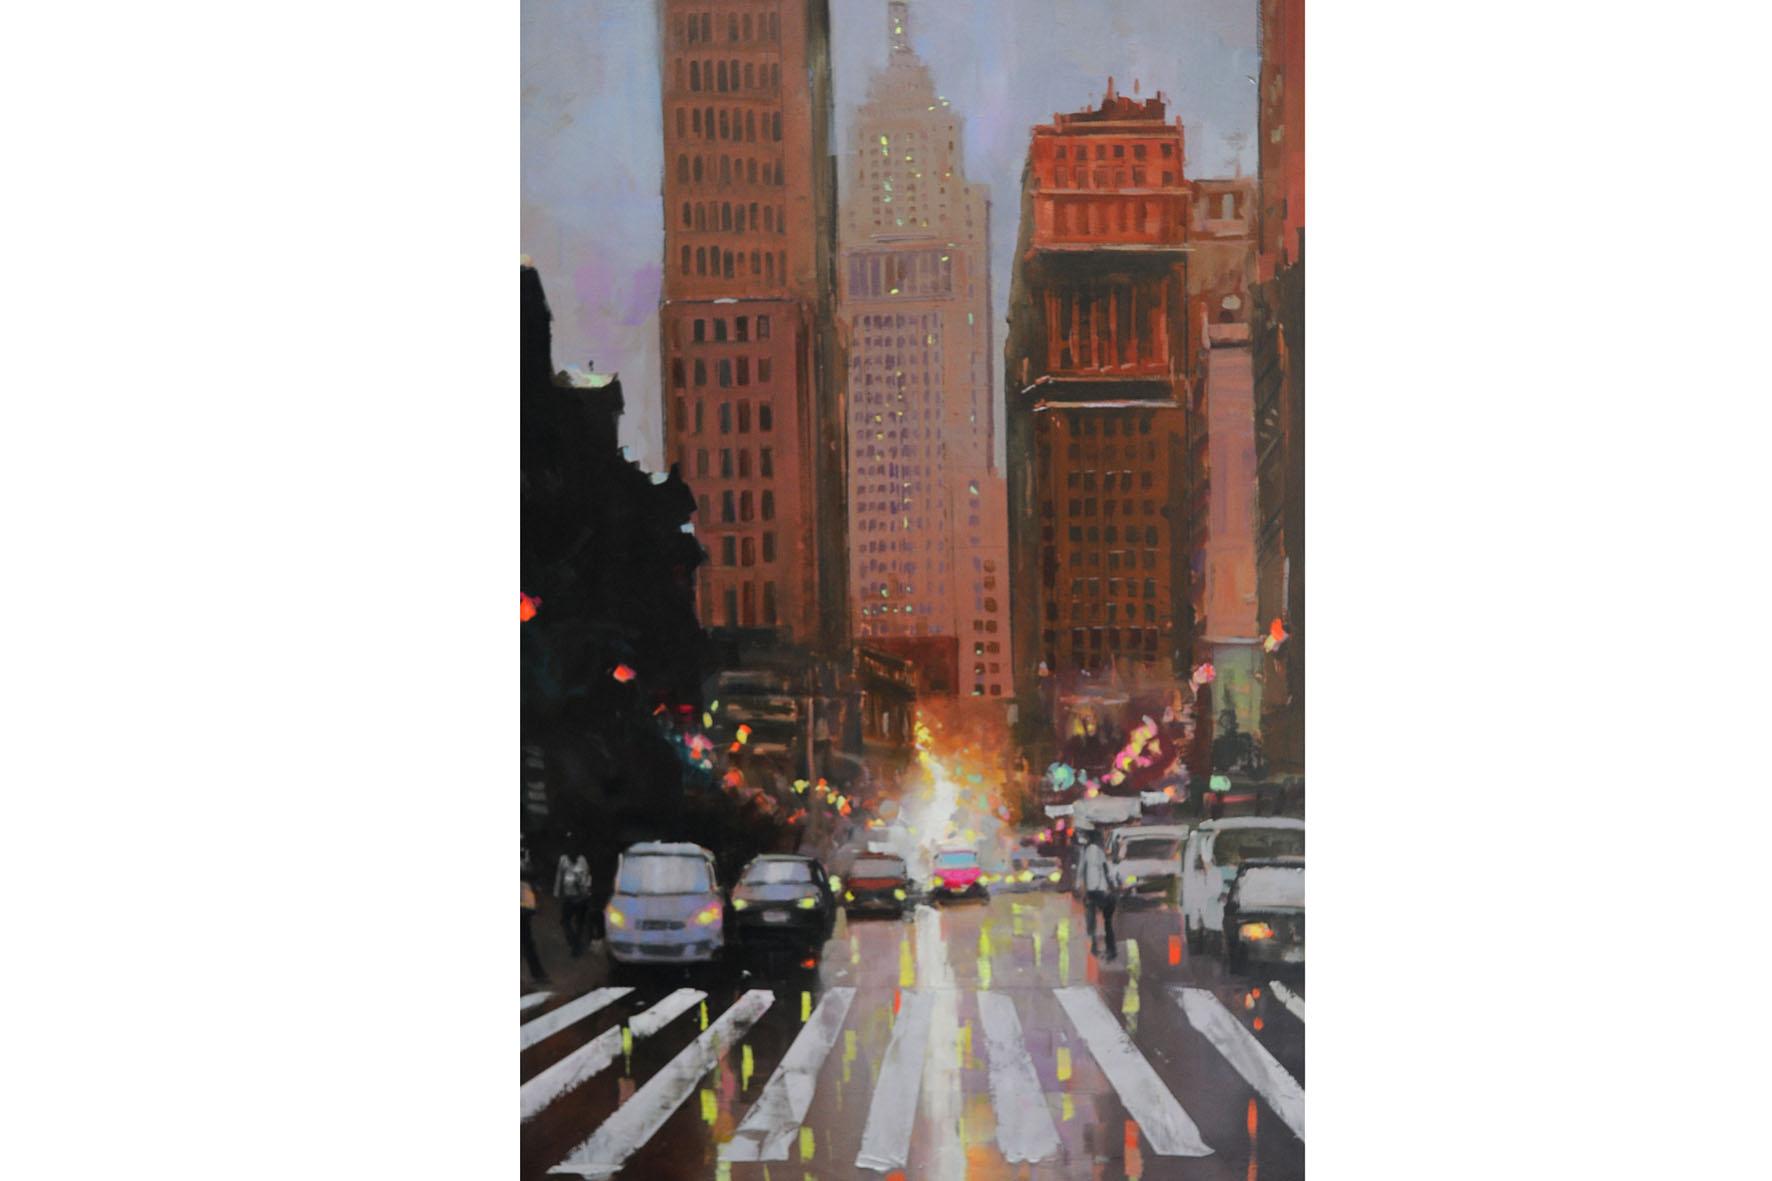 Exposição de Arte Urbanista<a style='float:right' href='https://www3.al.sp.gov.br/repositorio/noticia/N-12-2017/fg214597.jpg' target=_blank><img src='/_img/material-file-download-white.png' width='14px' alt='Clique para baixar a imagem'></a>